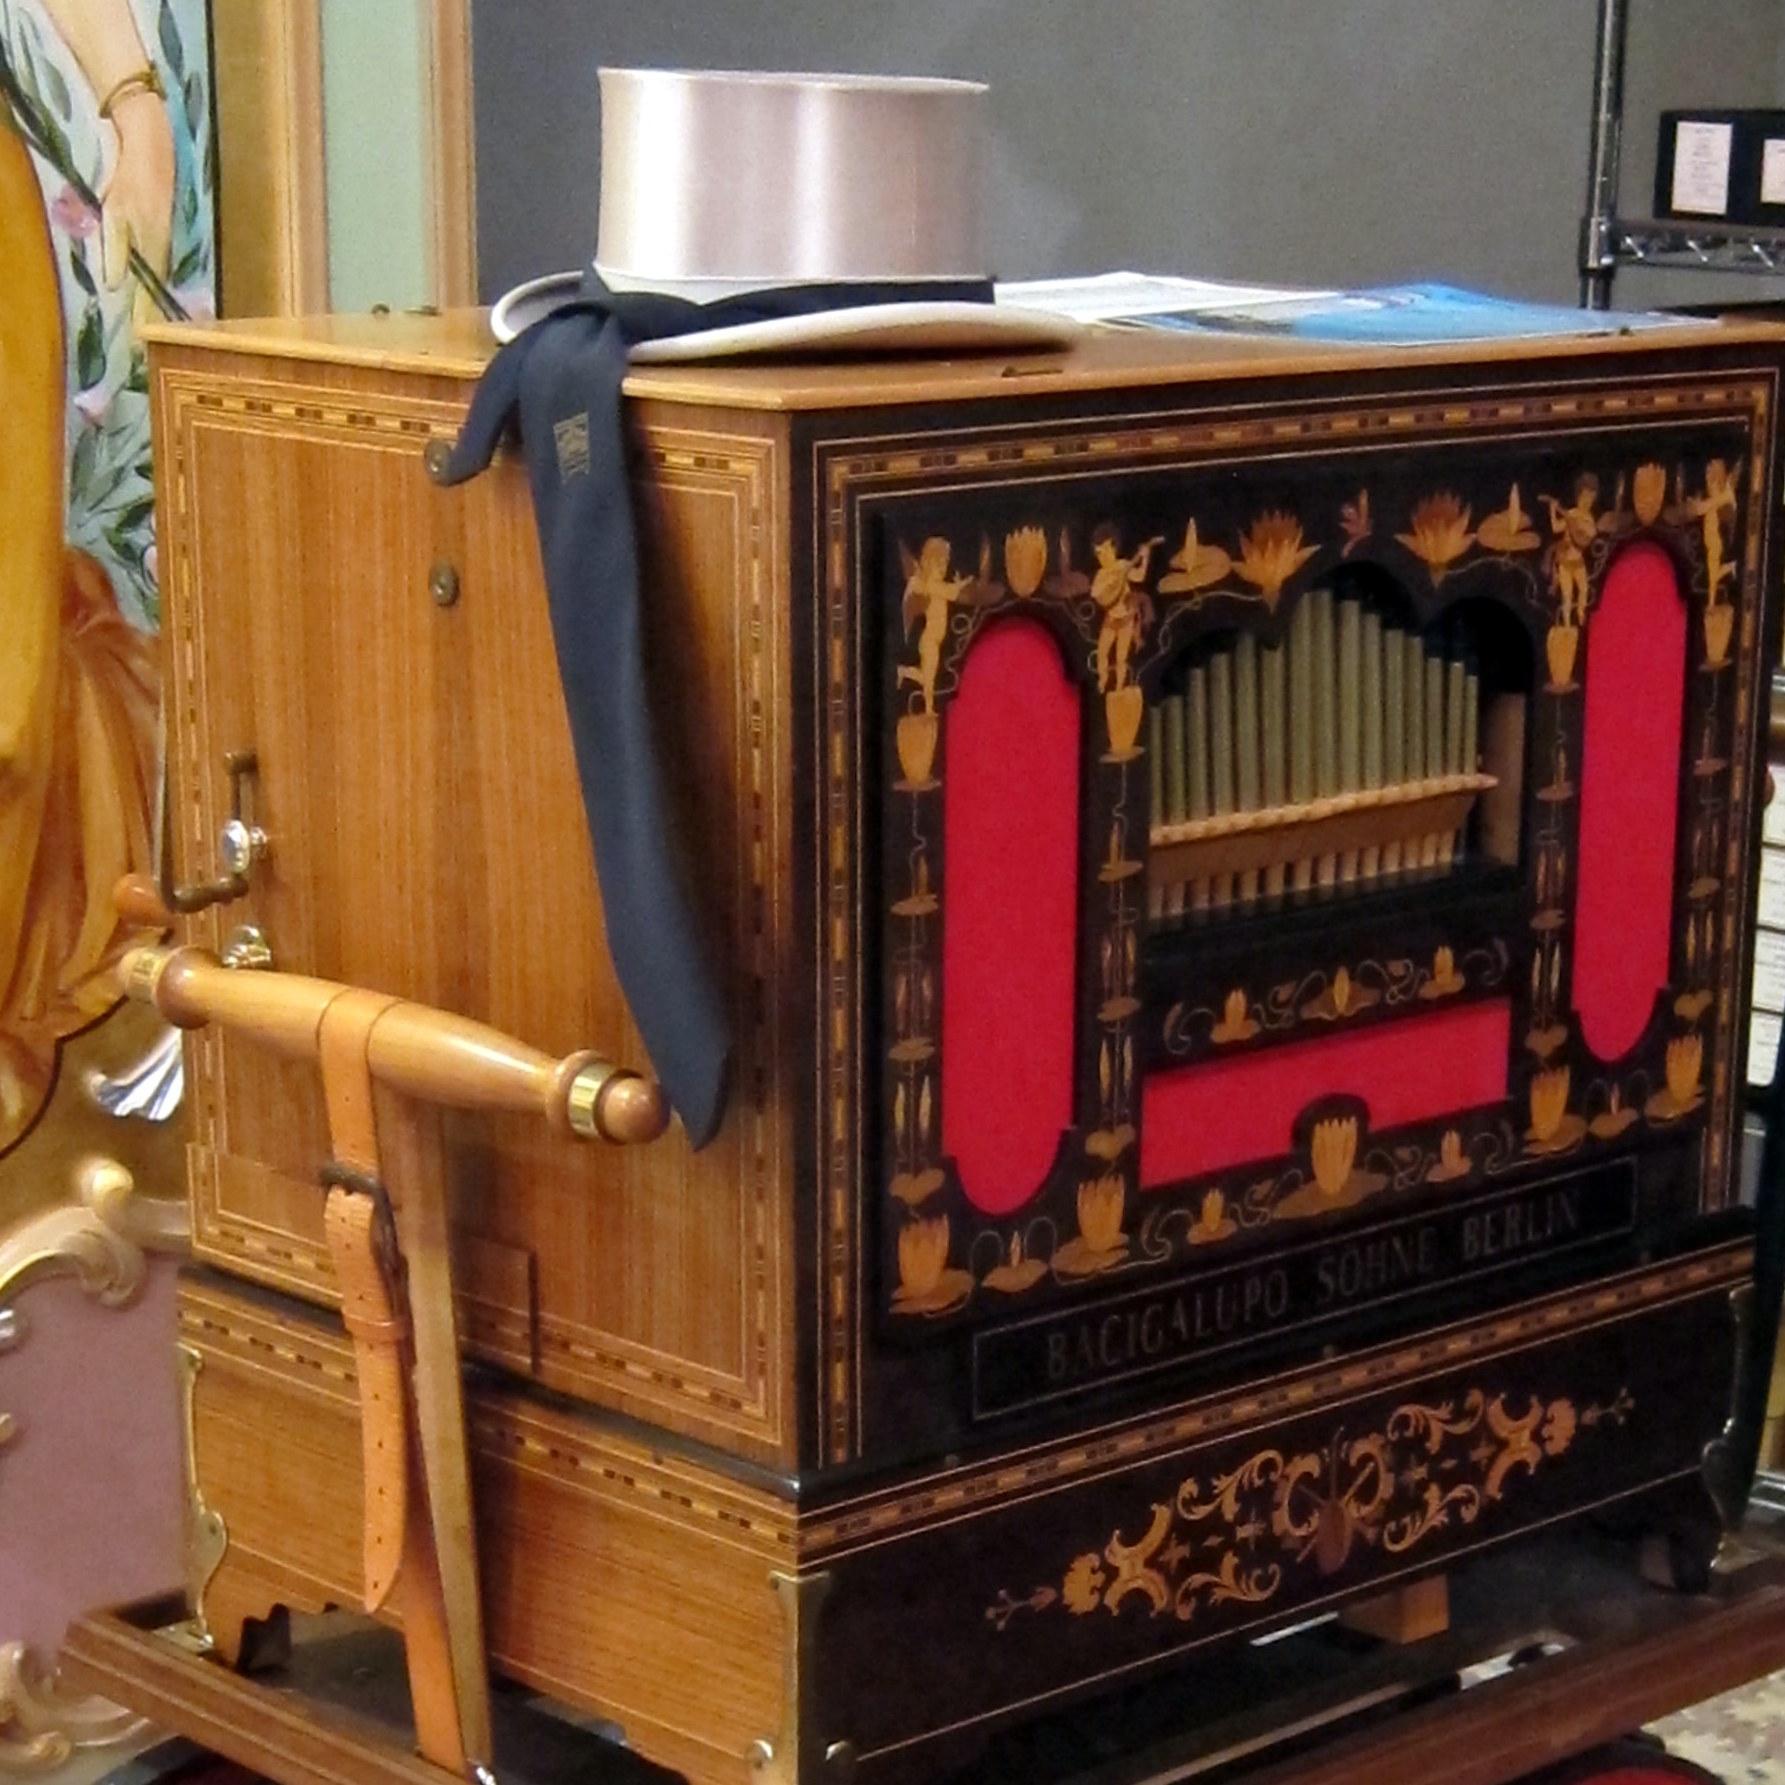 45 key Niemuth Bacigalupo Trumpet Organ